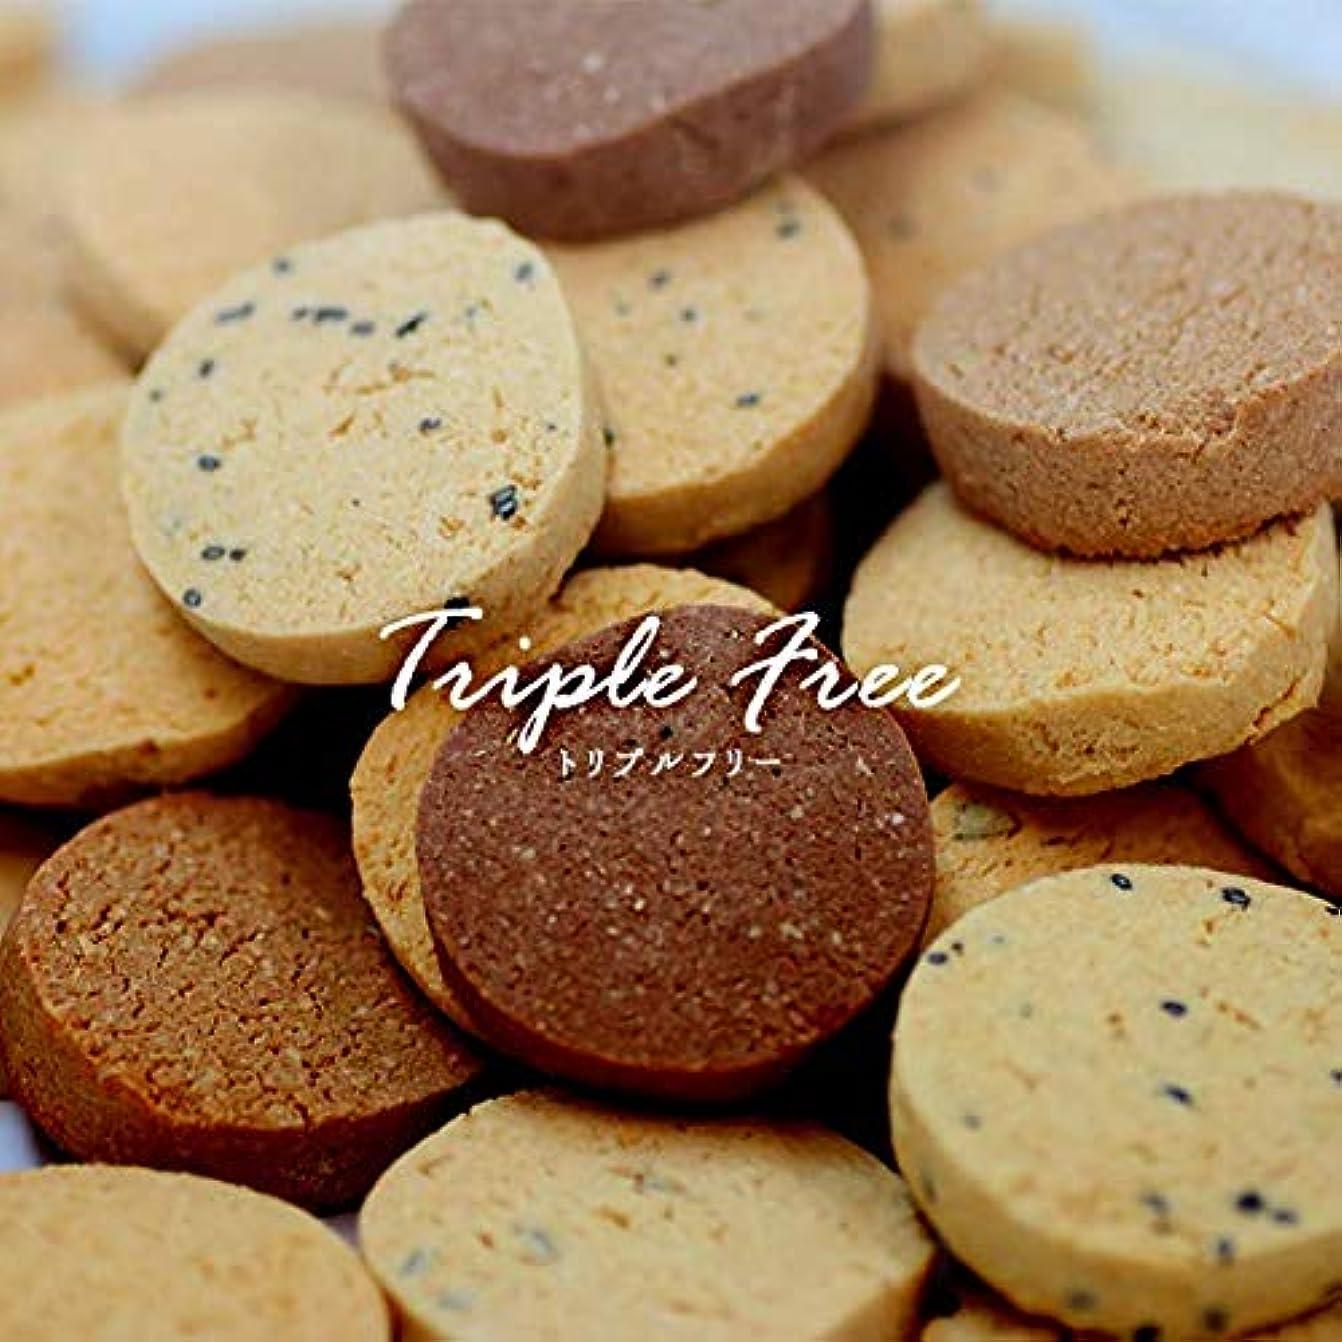 構成欠席口ひげ新感覚!大人気5種類!Triple Free 豆乳おからクッキー 1kg(個包装)小麦粉不使用のダイエットクッキー